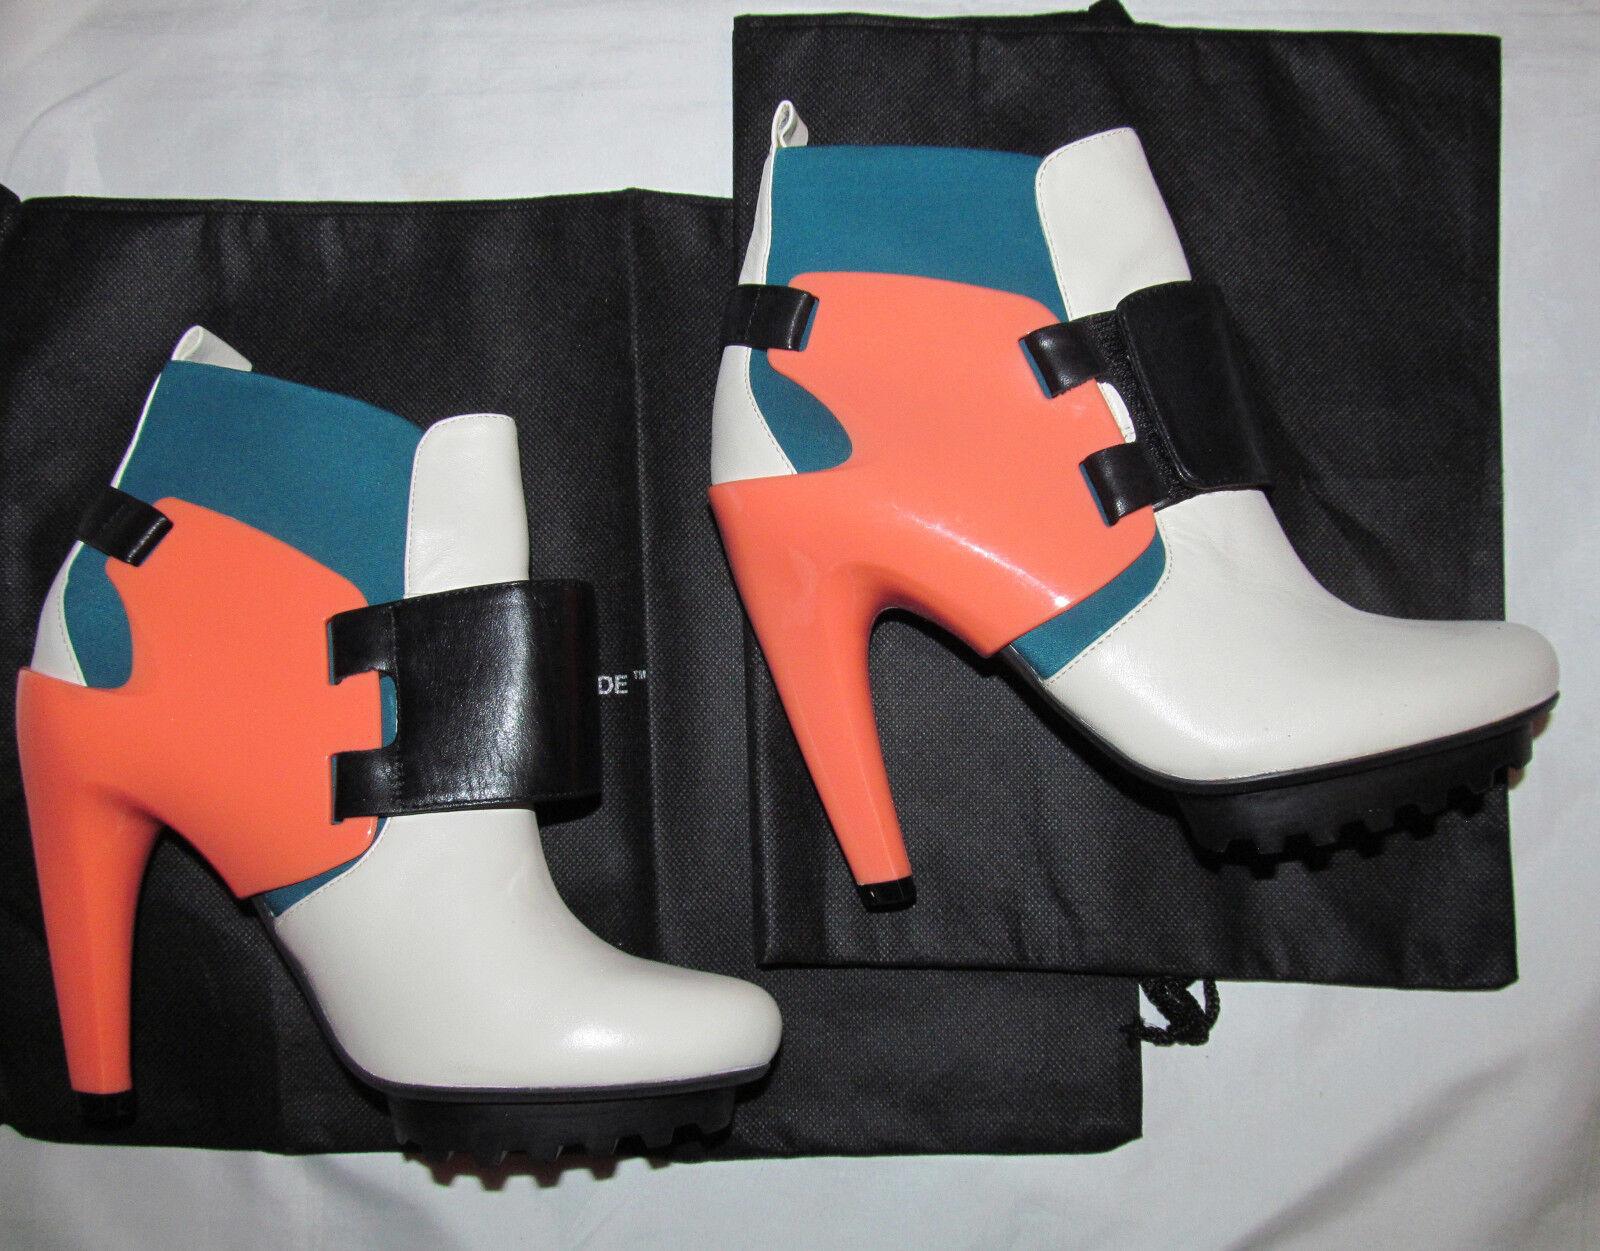 Zapatos de tacón alto un United NUDE NUDE NUDE HYBRID Eros Invierno Tobillo Tacón Alto bloque de Color 6 Nuevo  disfruta ahorrando 30-50% de descuento